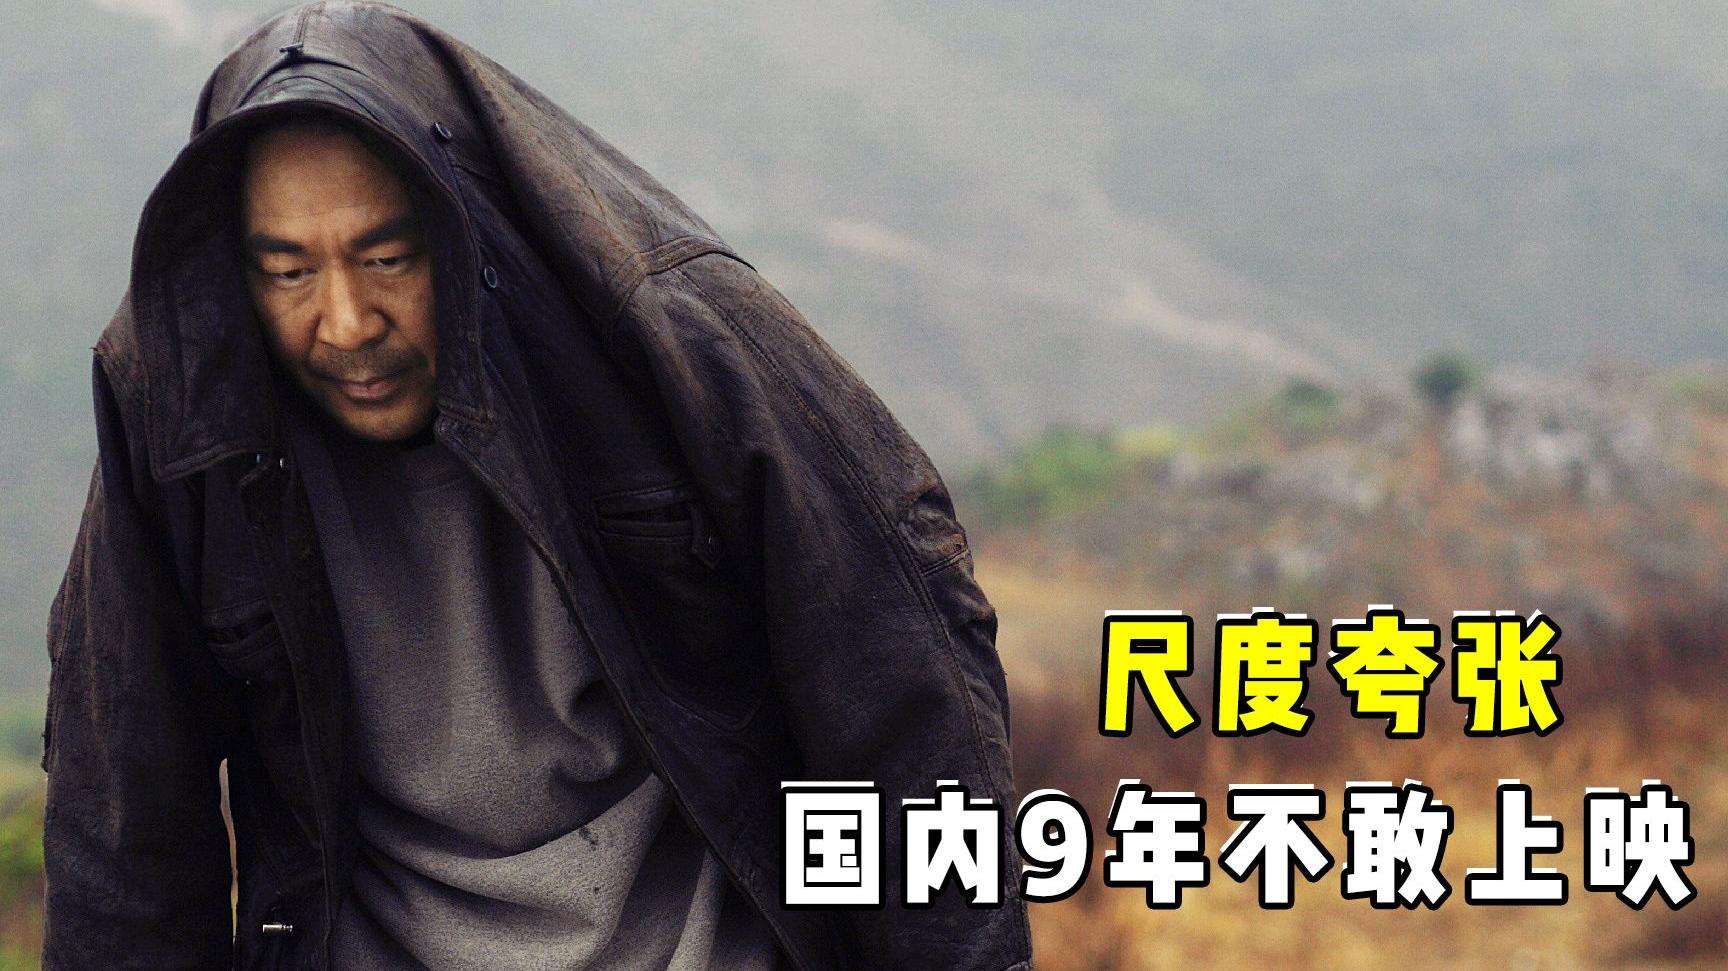 贵州真实命案改编,国内多年未曾上映,却在国外履获大奖!